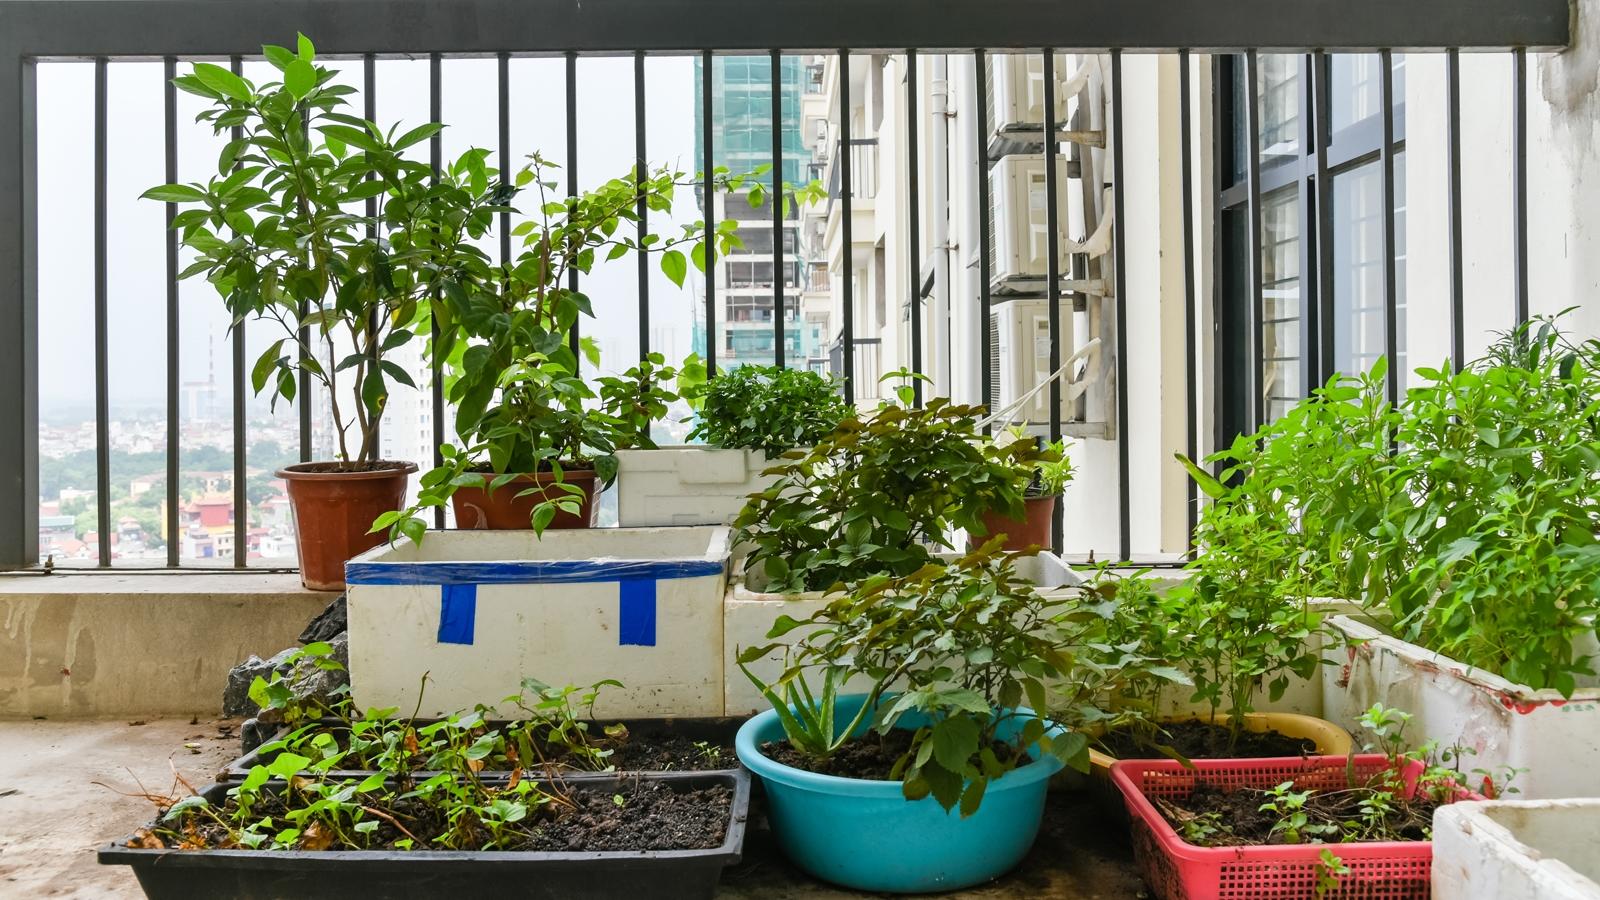 Giardino Sul Balcone Di Casa : Giardino in balcone images argegno appartamento con